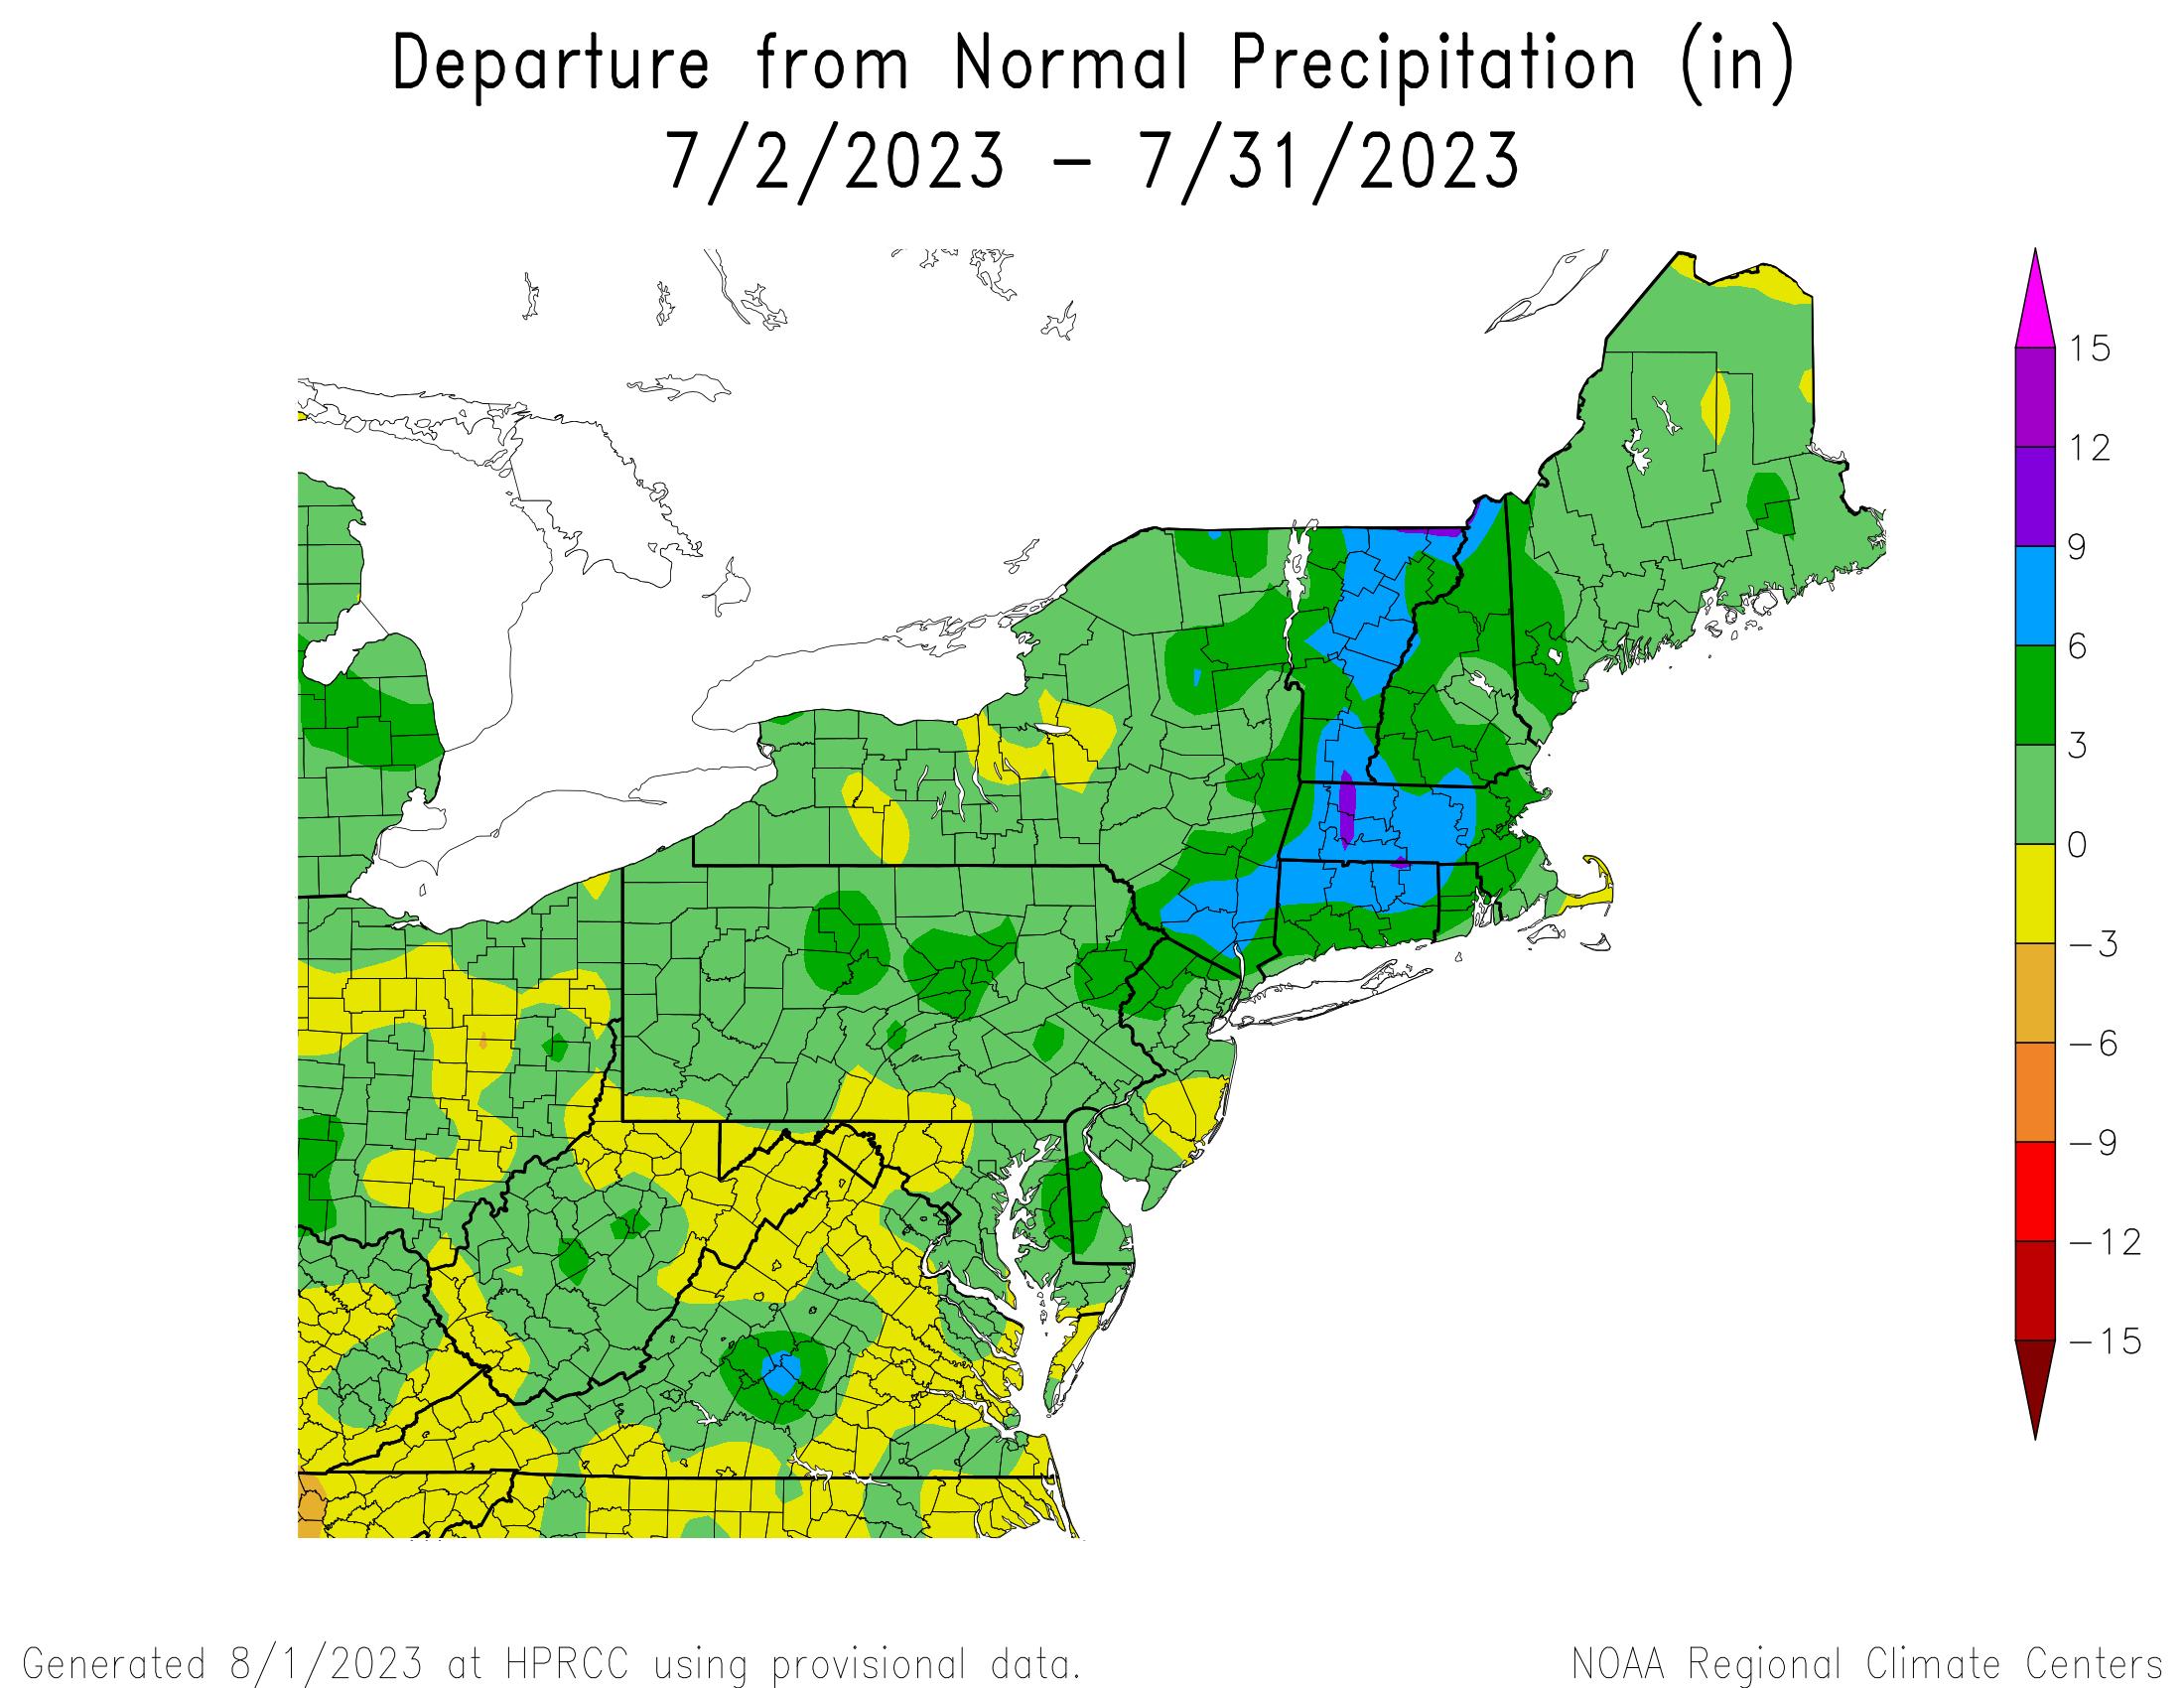 30-Day Total Precipitation Departure